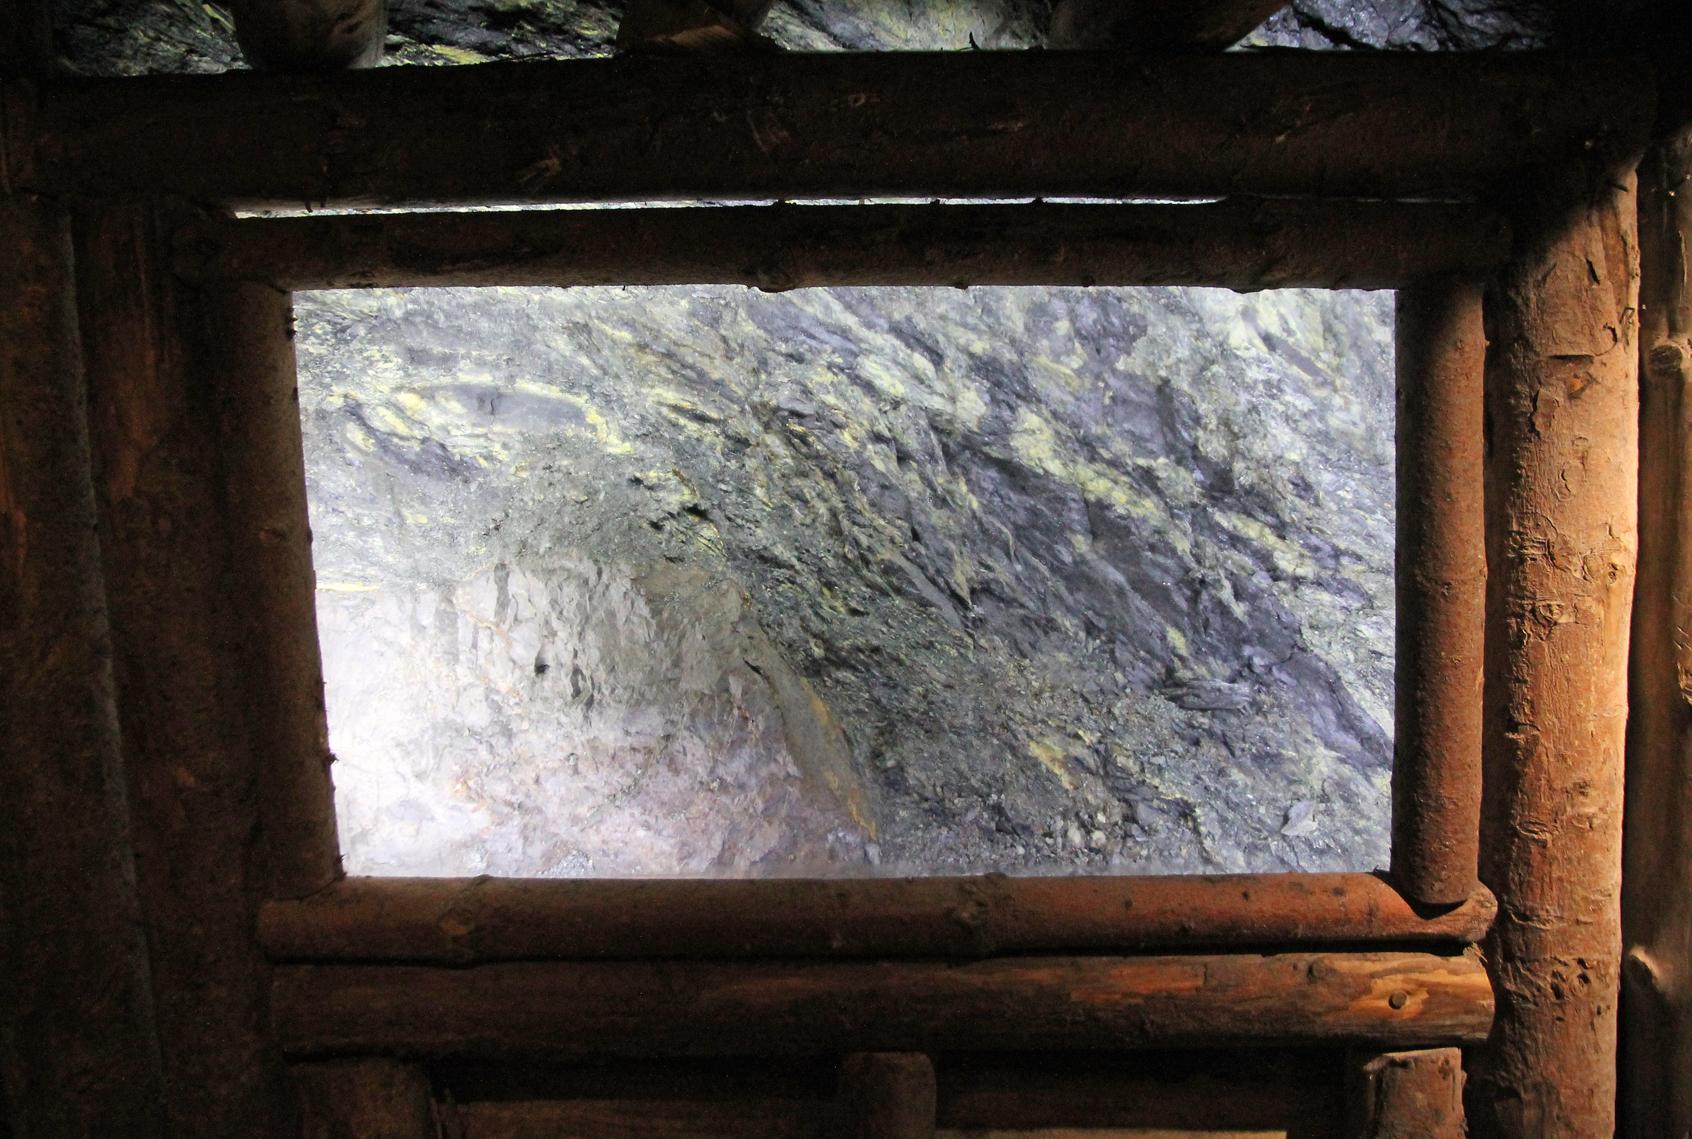 One of the mercury ore exhibits.